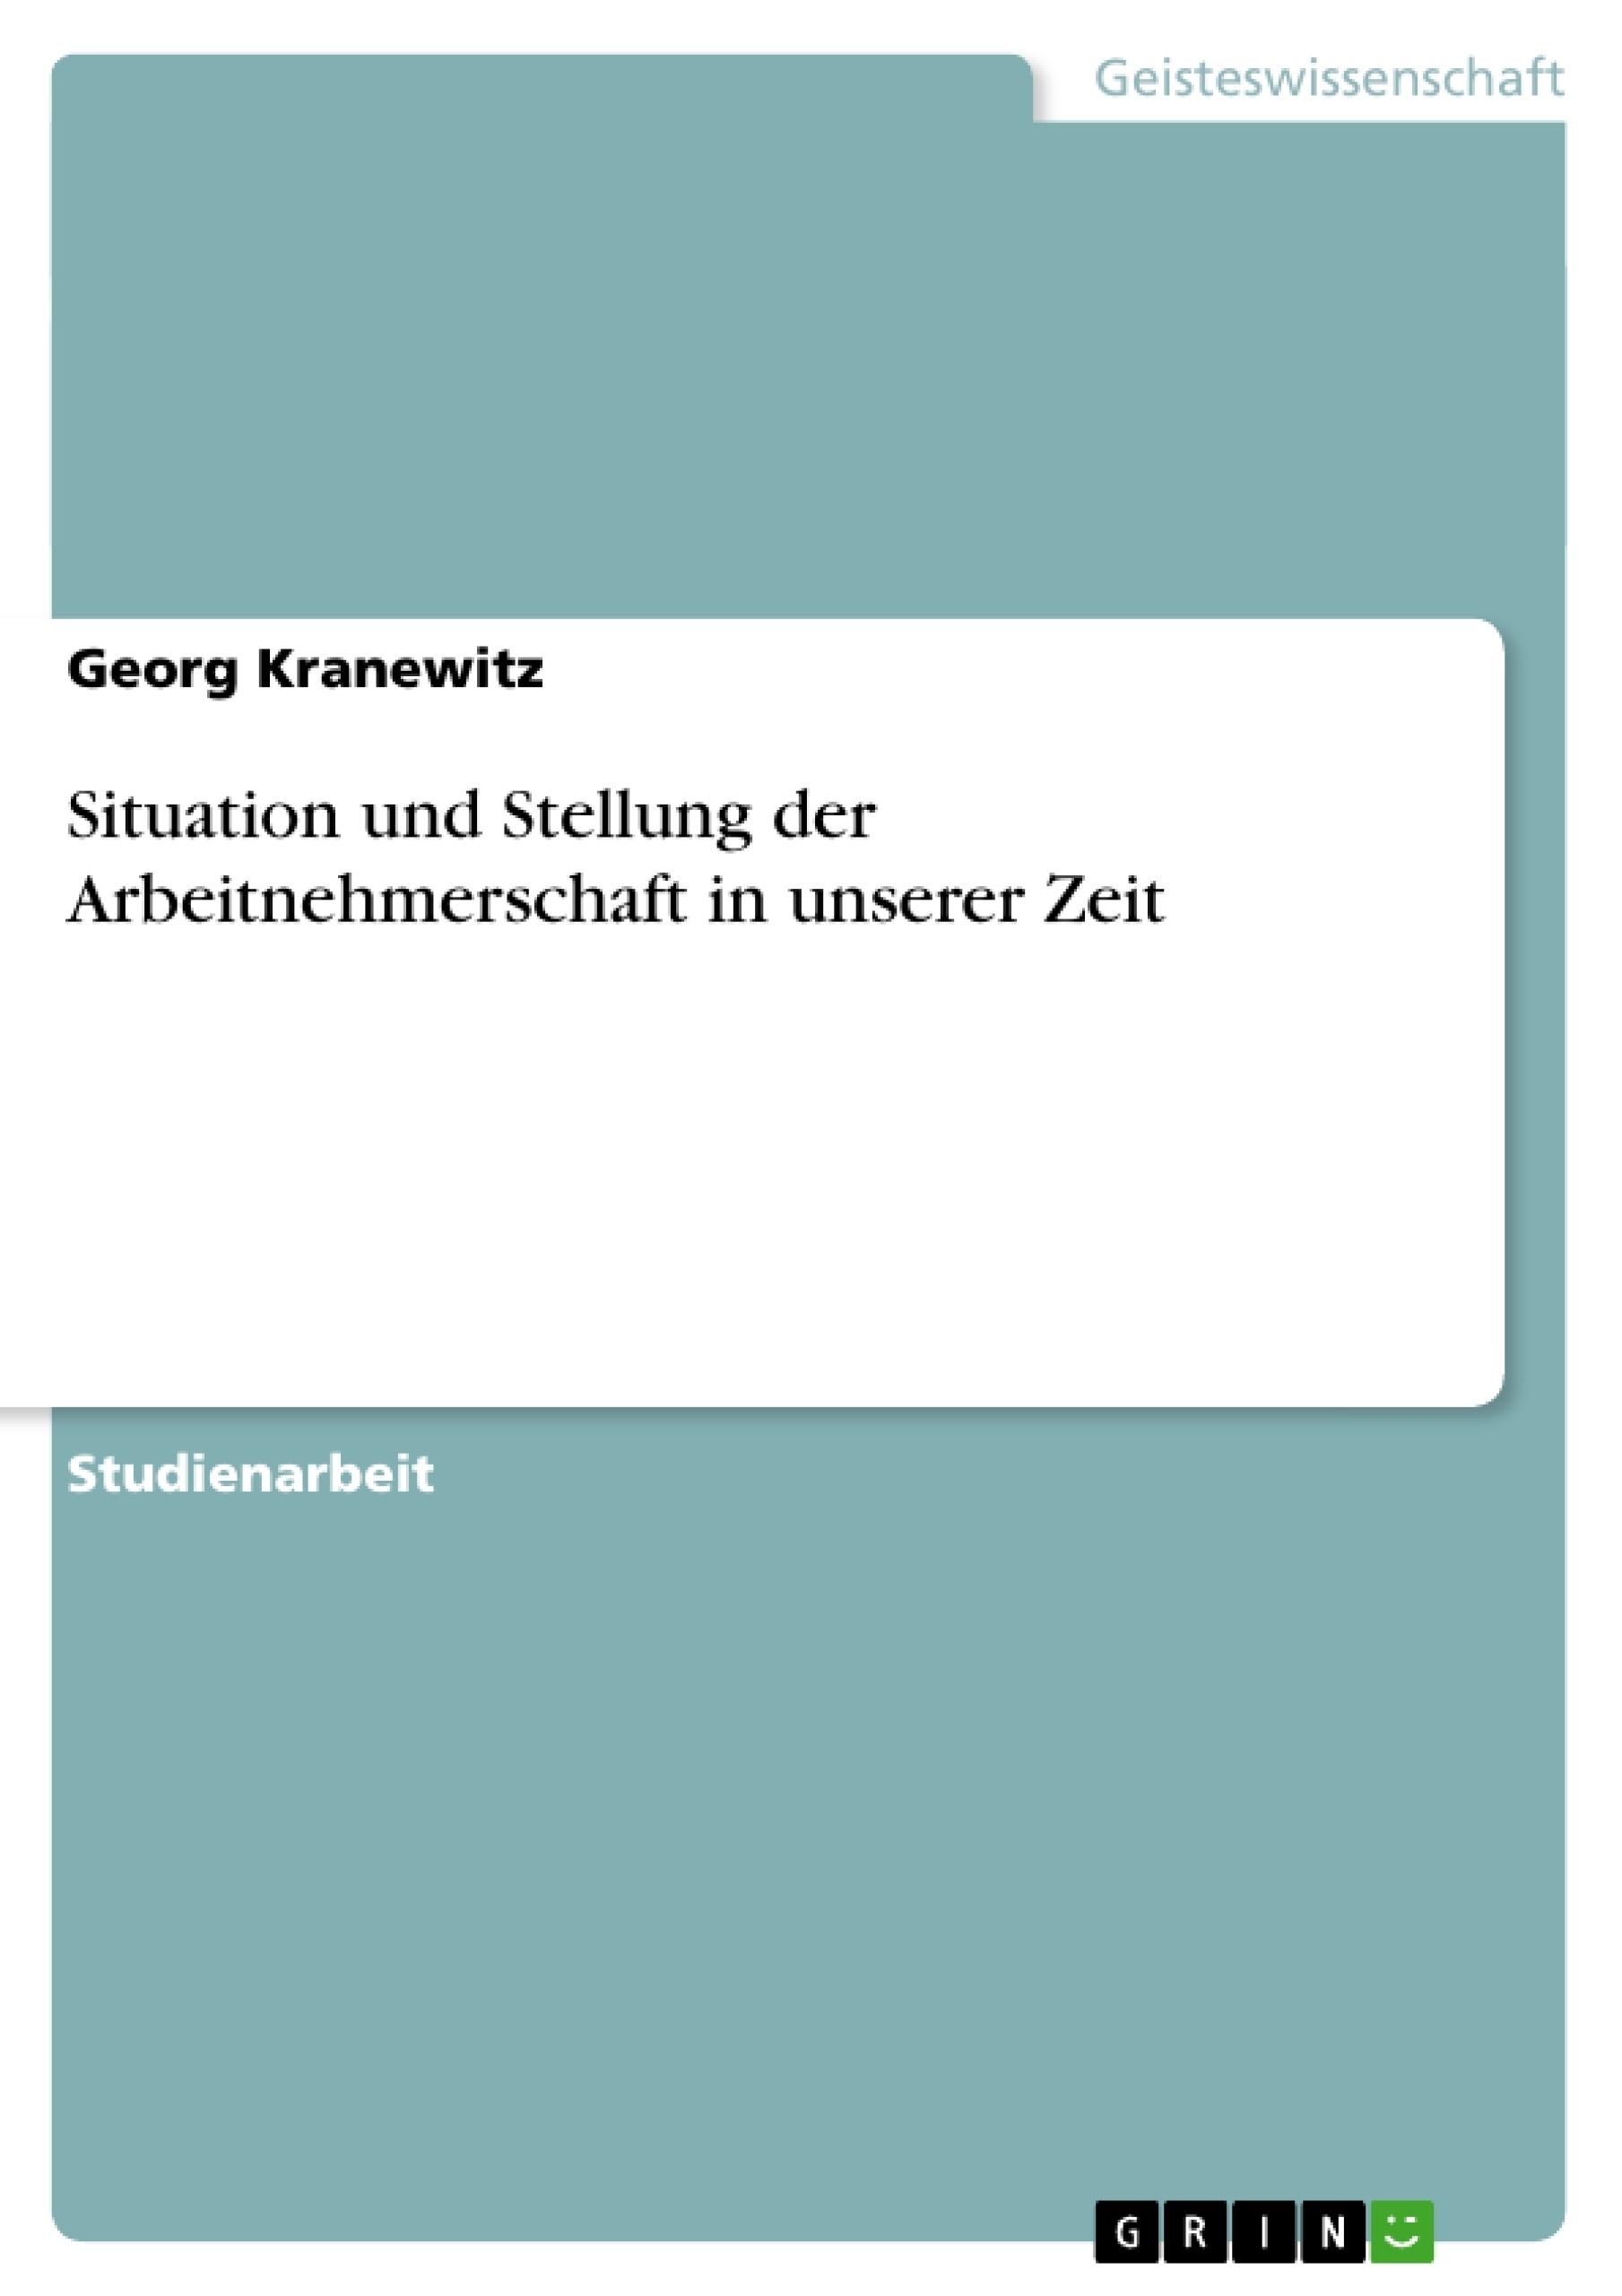 Titel: Situation und Stellung der Arbeitnehmerschaft in unserer Zeit